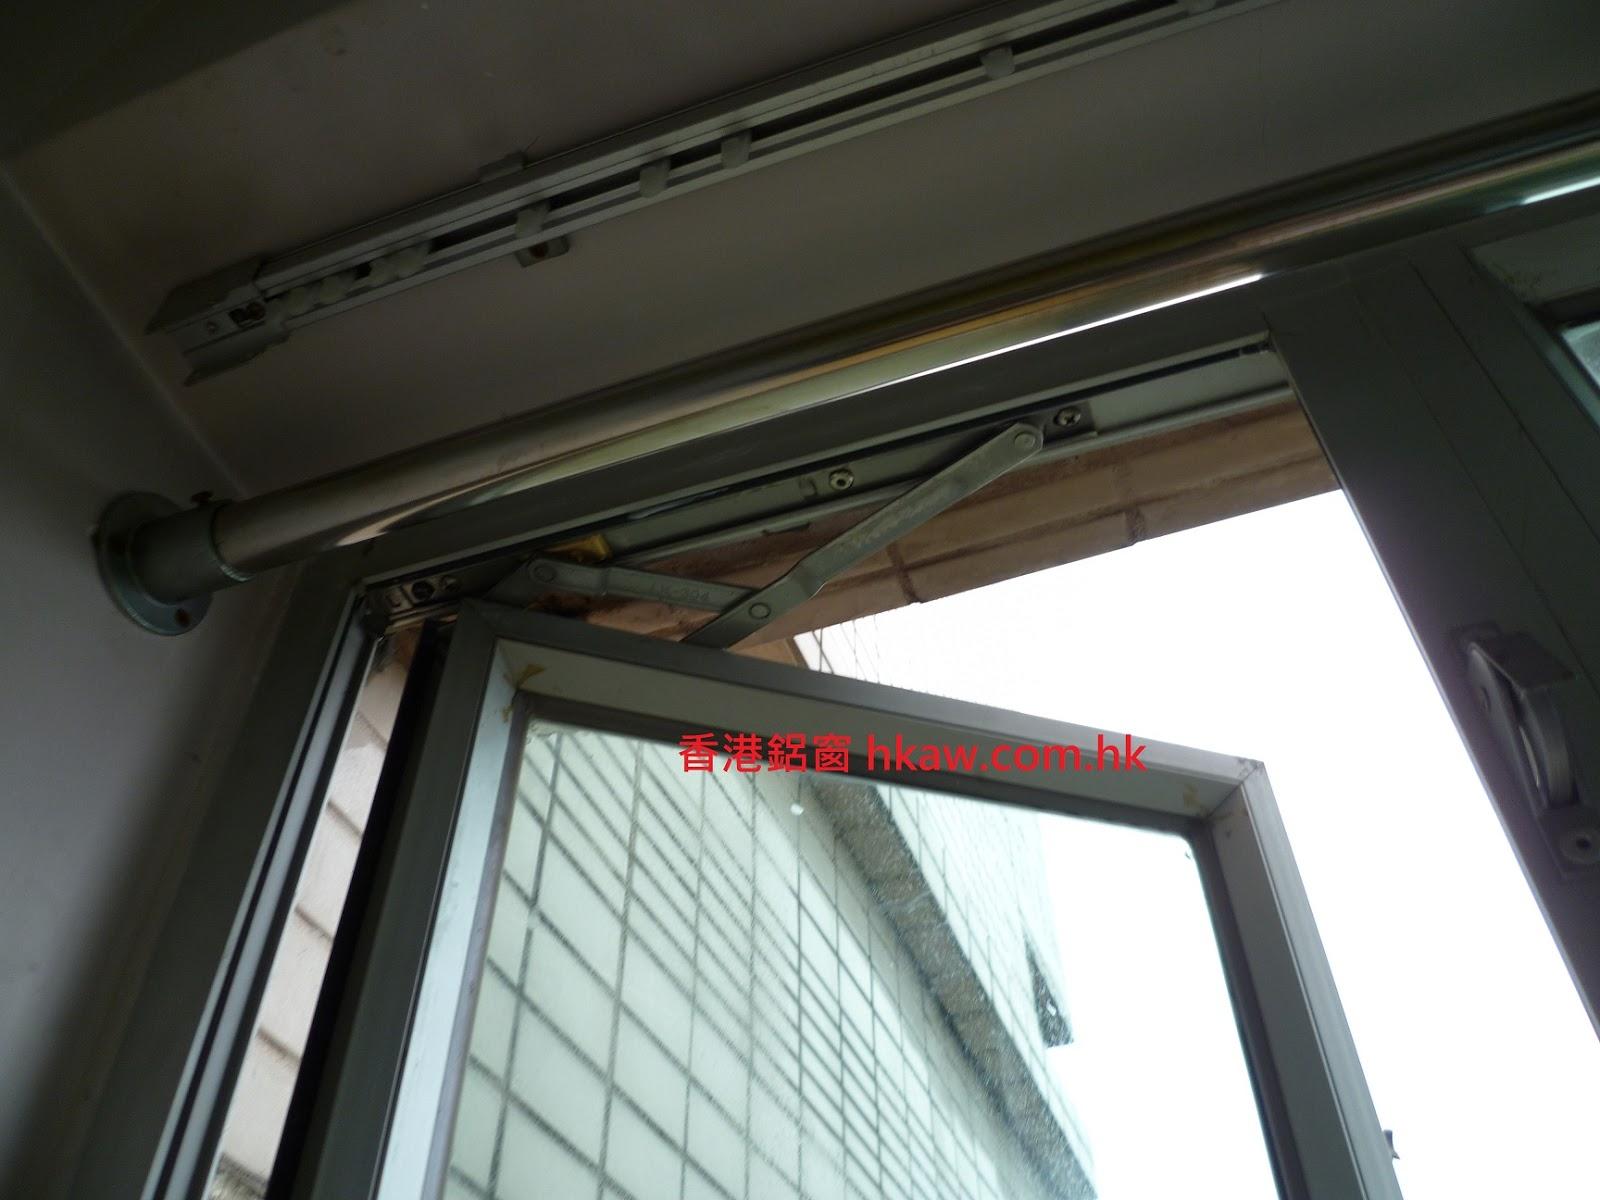 驗窗 鋁窗 鋁窗維修 鋁窗工程 香港鋁窗工程有限公司: 新界 粉嶺 綠悠軒 高層單位 自願性強制驗窗 更換鋁窗窗鉸